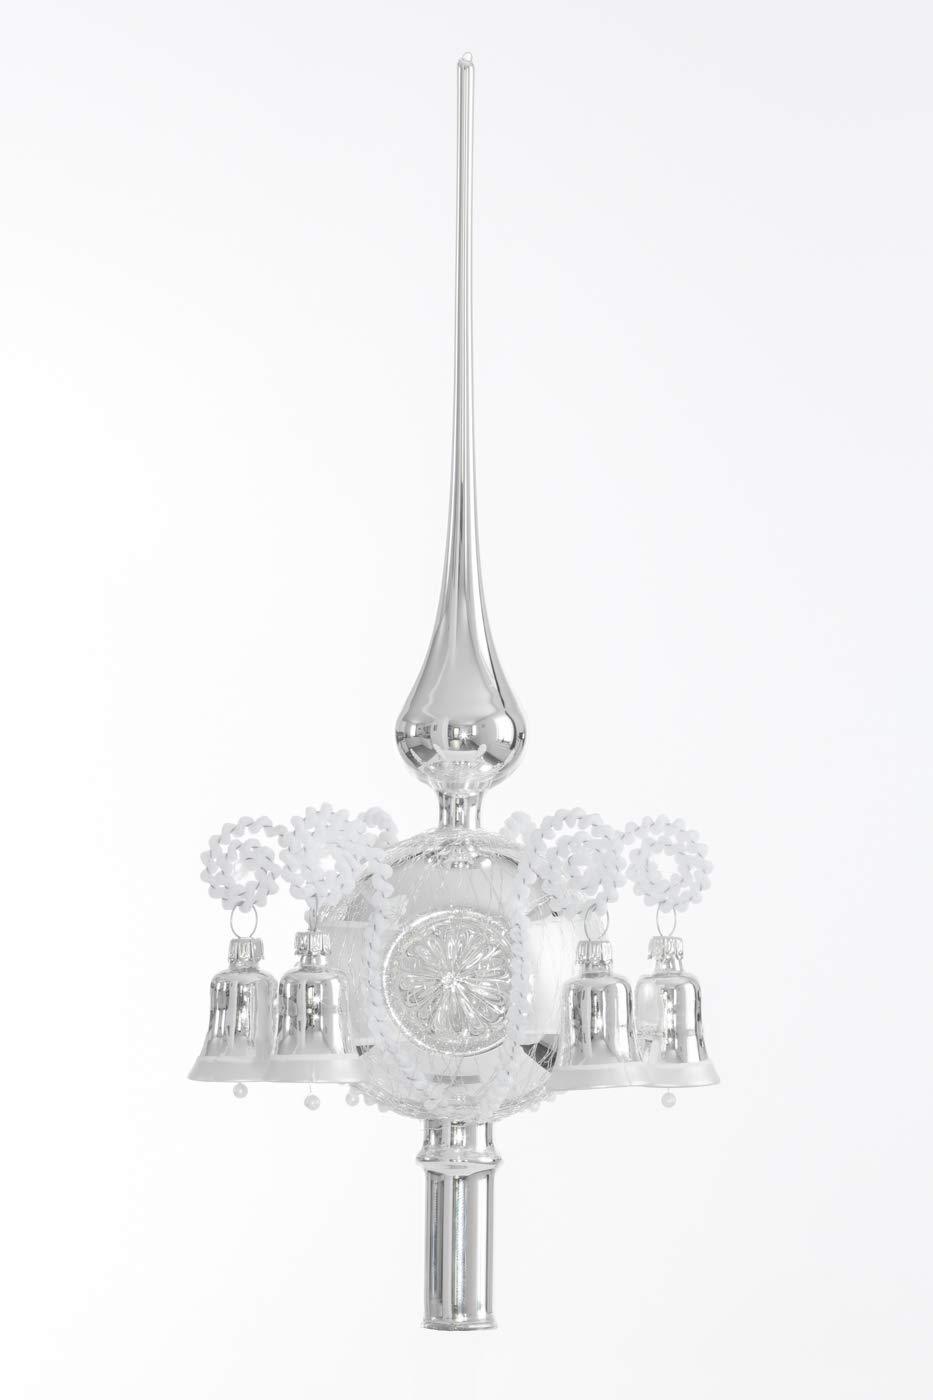 Christbaumspitze-mit-Reflex-und-6-Glckchen-Silber-Lauscha-mundgeblasen-und-handdbemalt